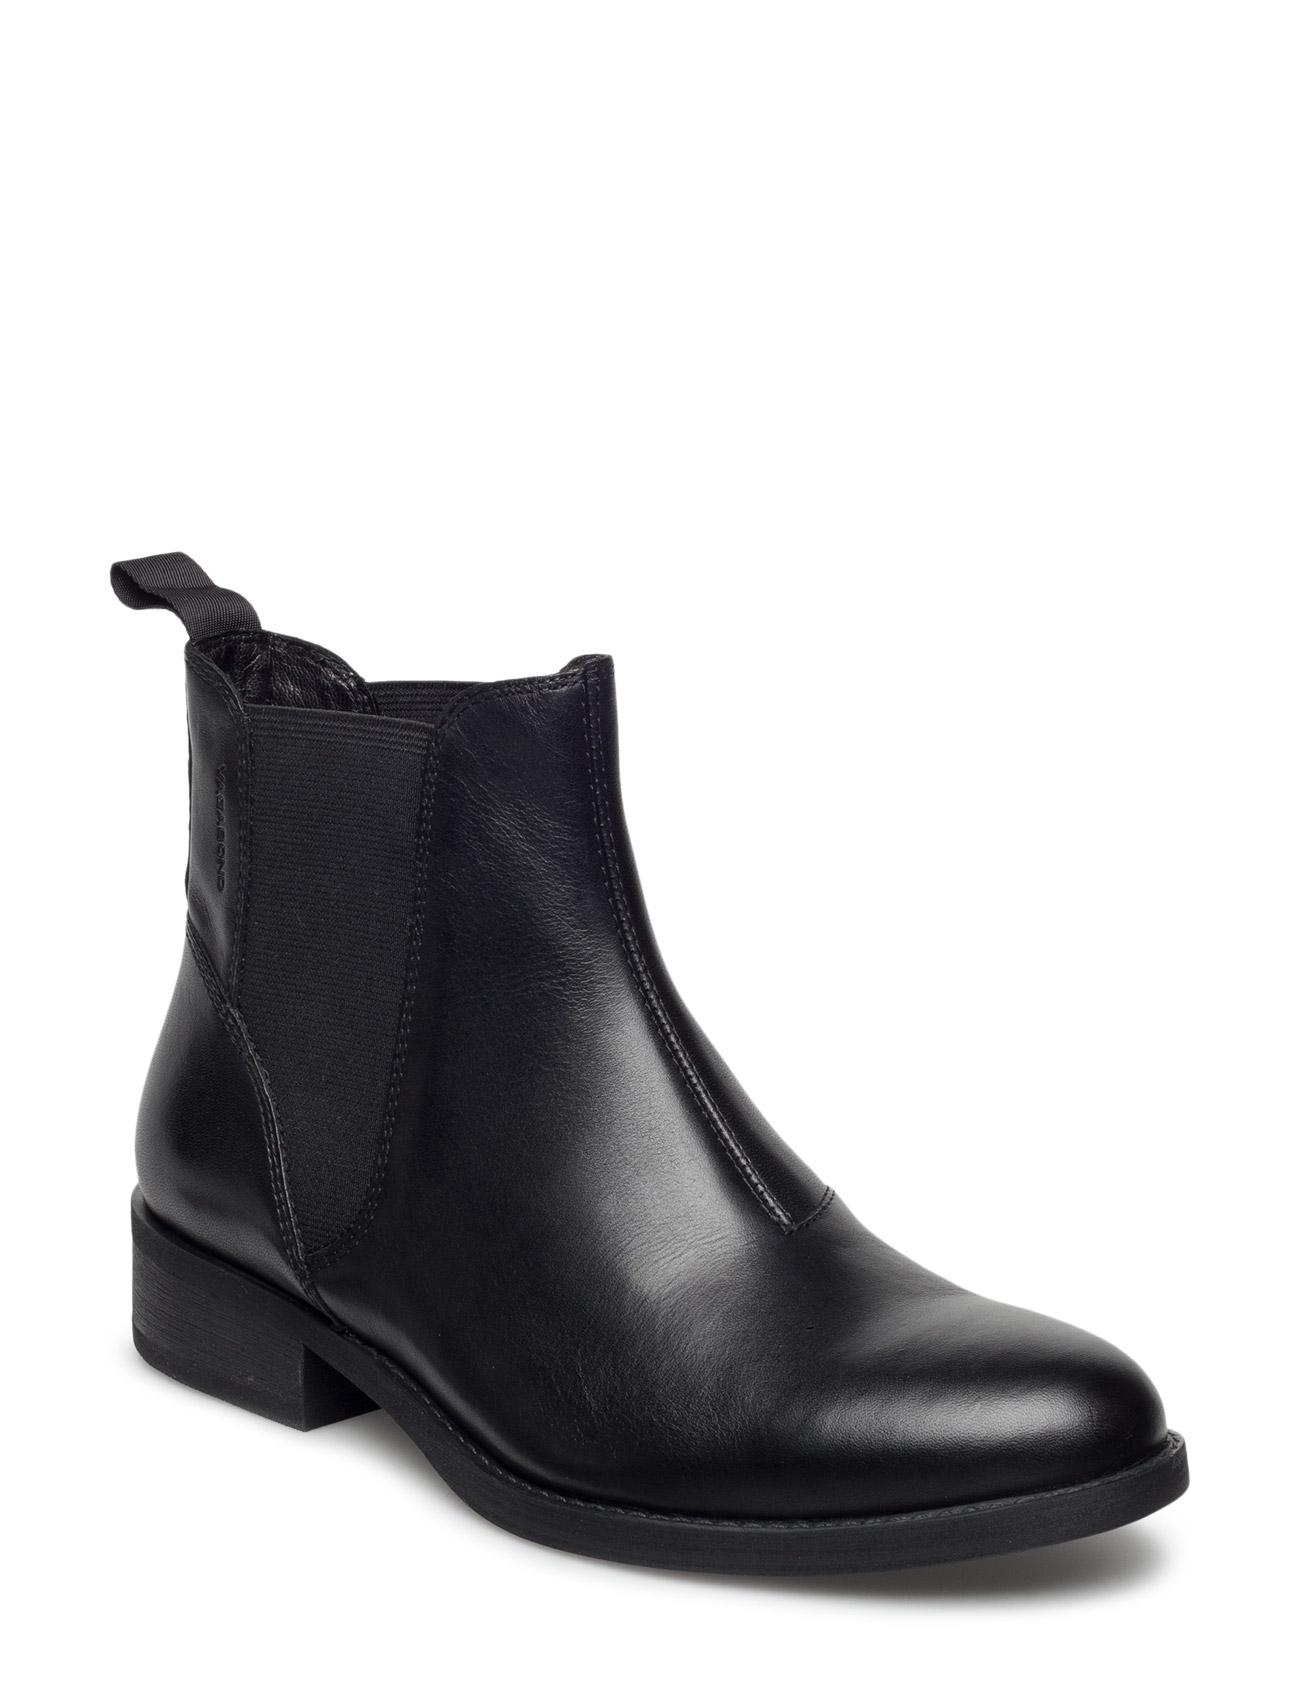 Cary VAGABOND Støvler til Kvinder i Sort